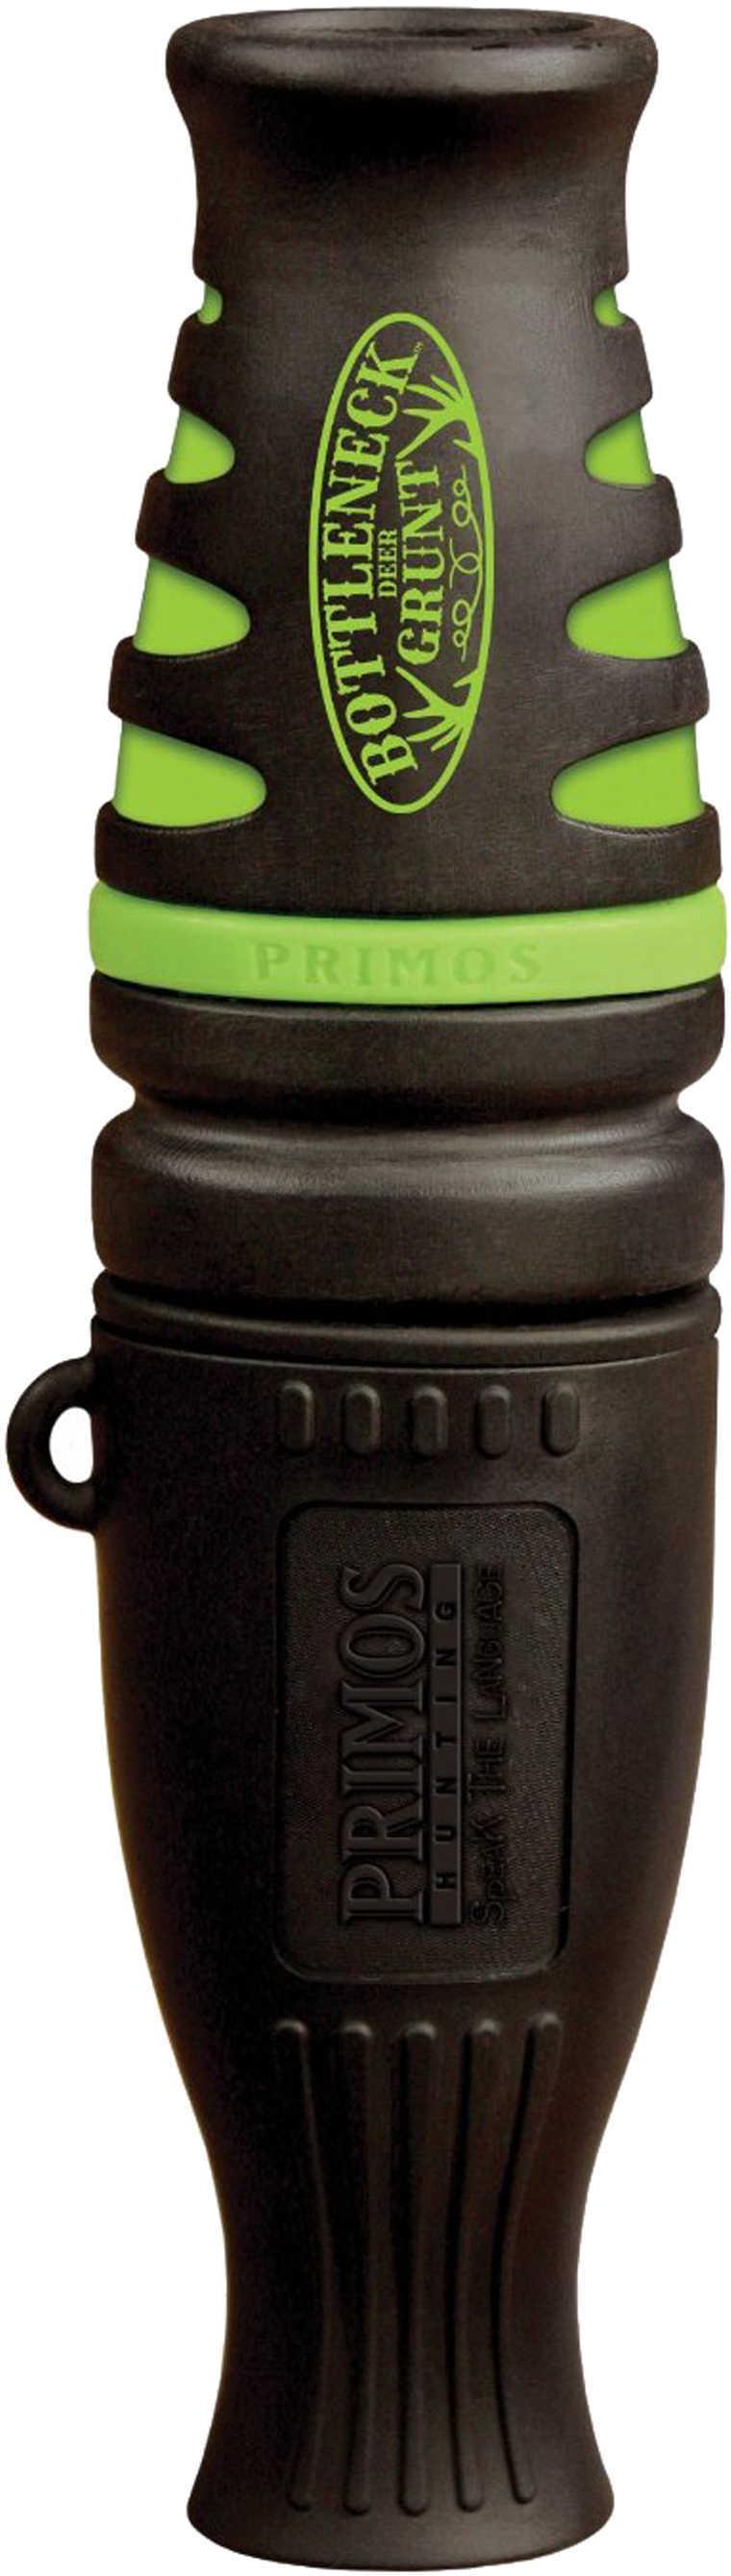 Primos Bottle Neck Grunt Call  Model: 770